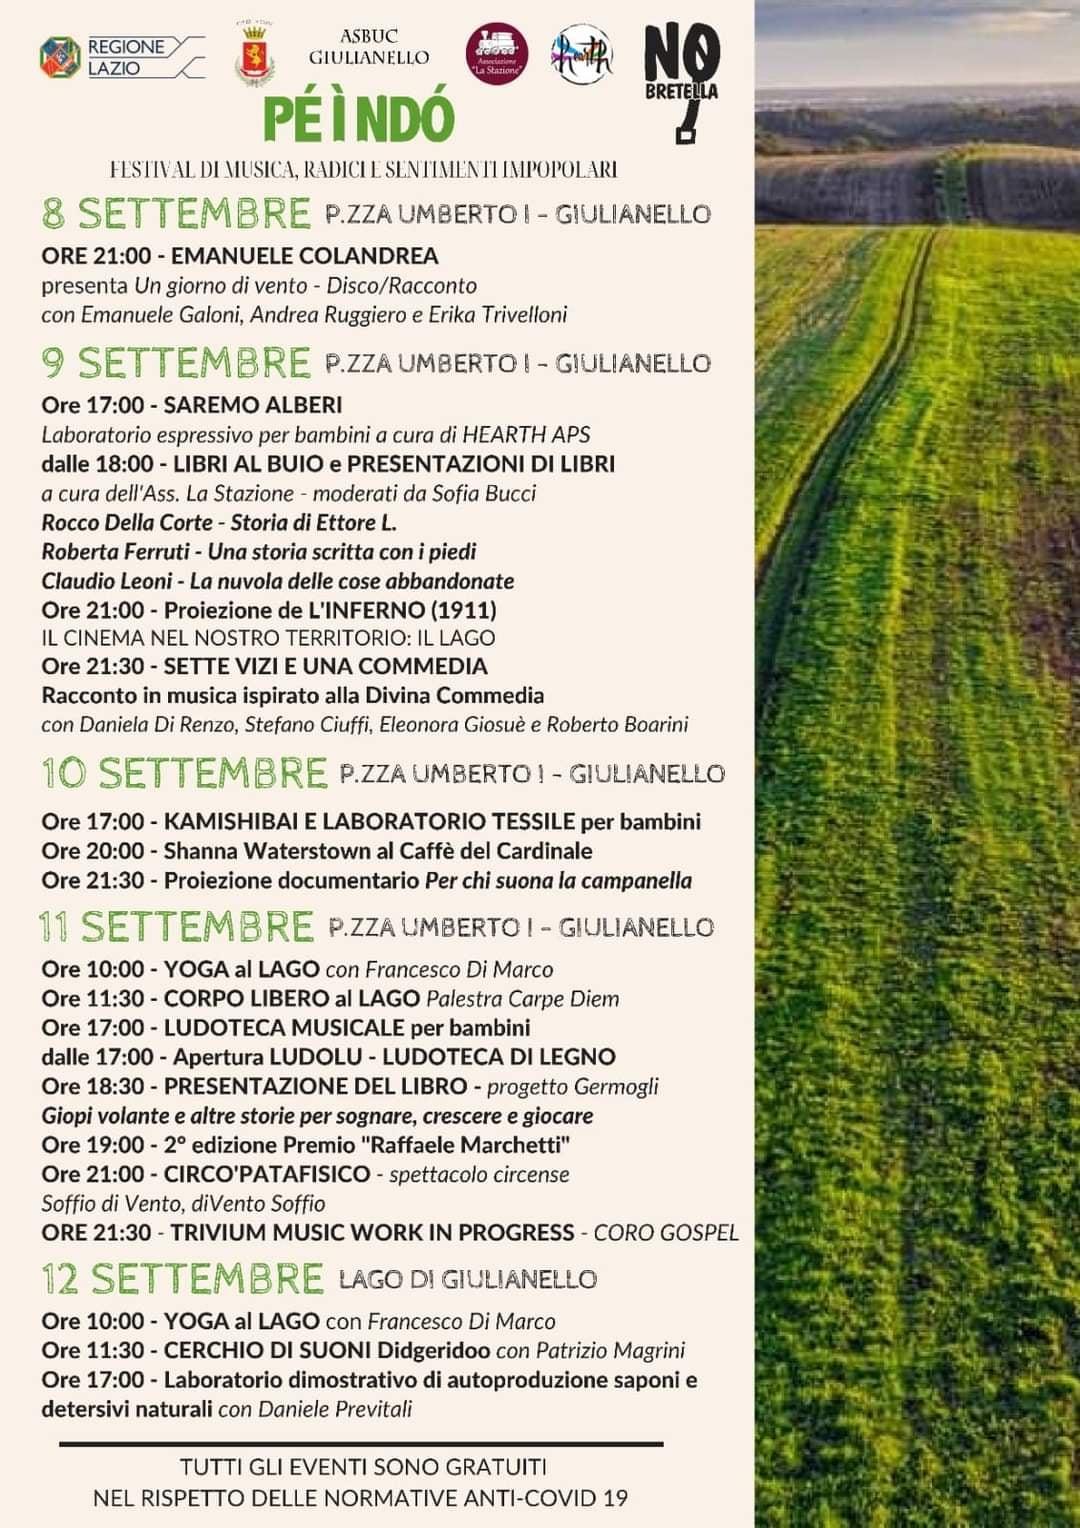 Giulianello: Pe ì ndò Festival @ Piazza Umberto I - Giulianello